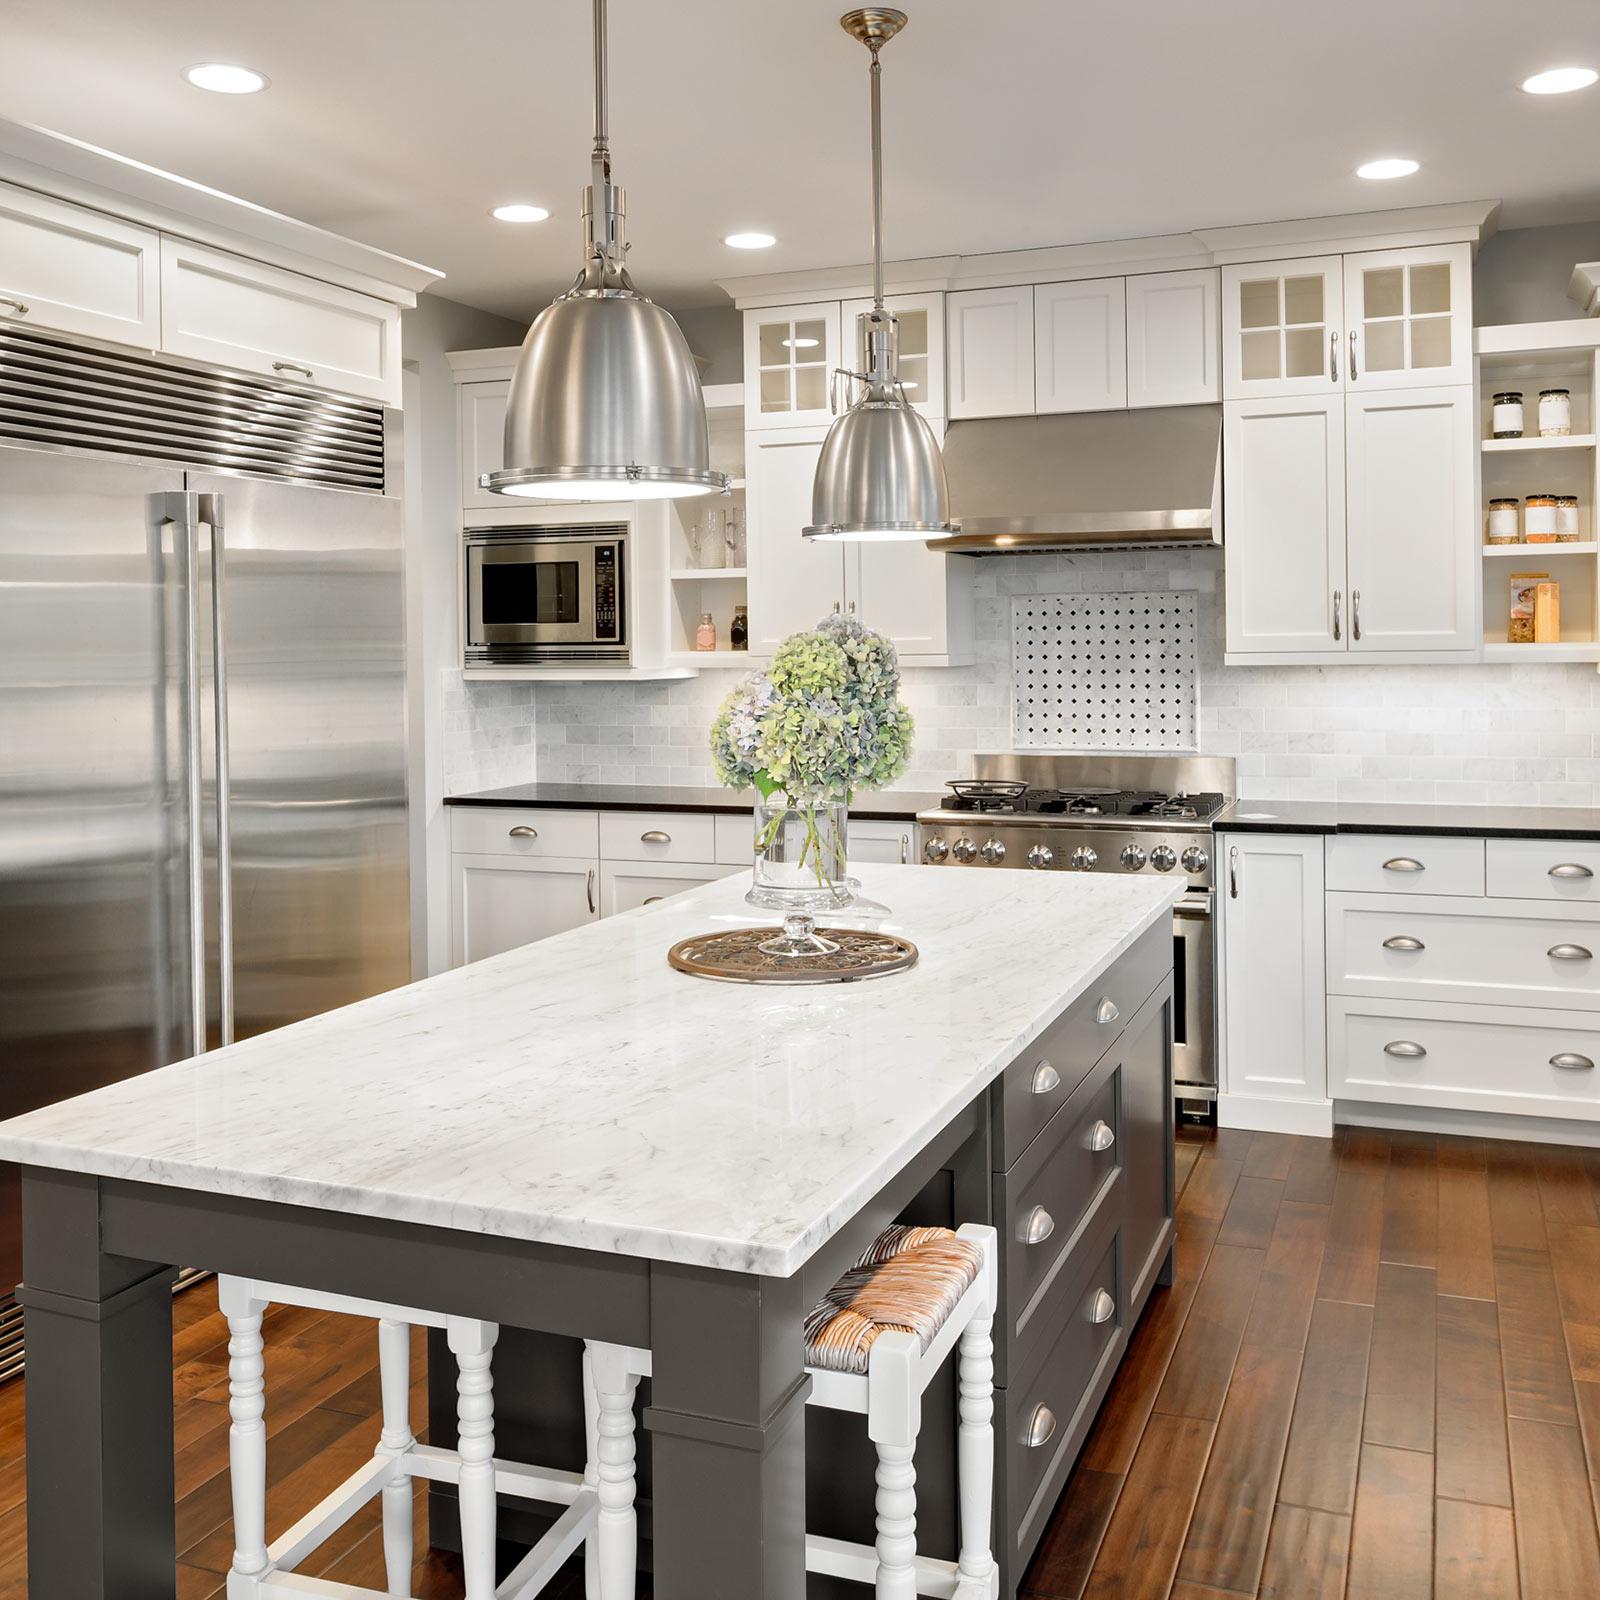 New Kitchen Flooring